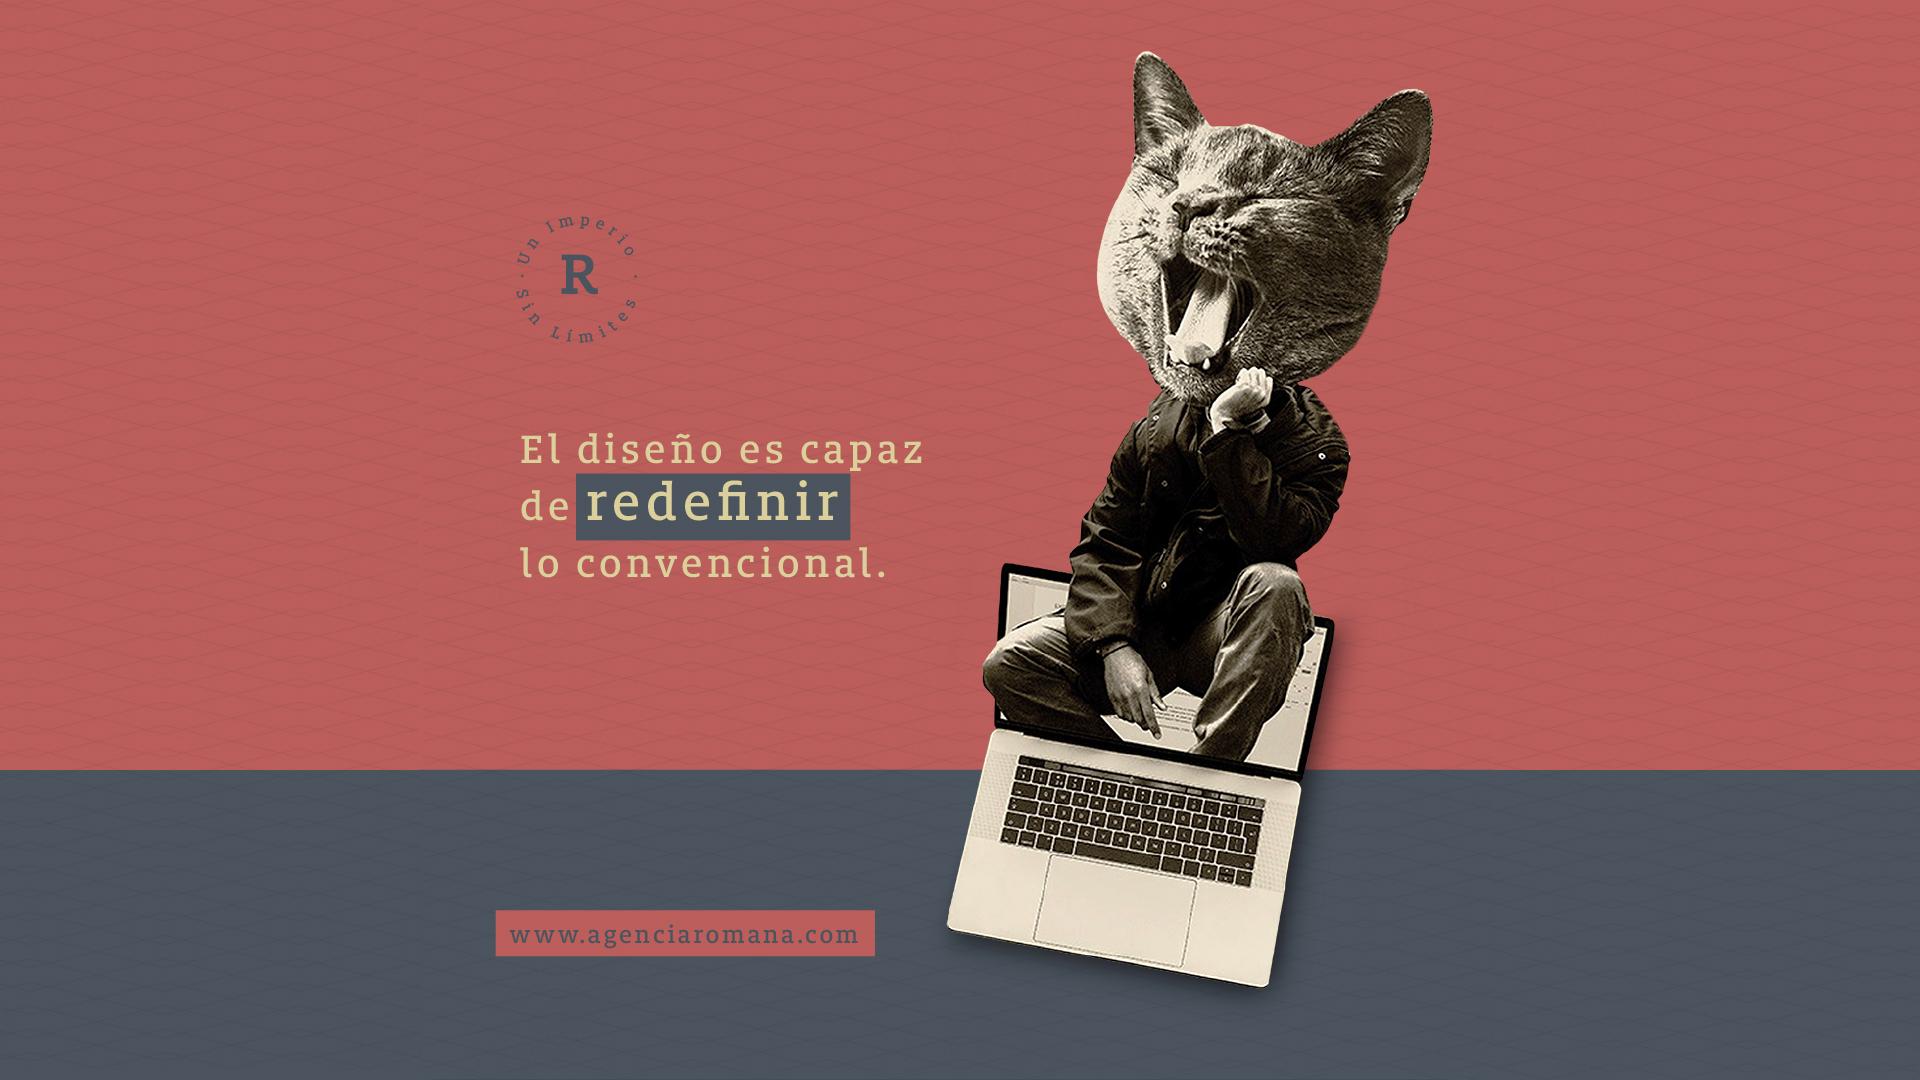 Agencia Romana Social Media